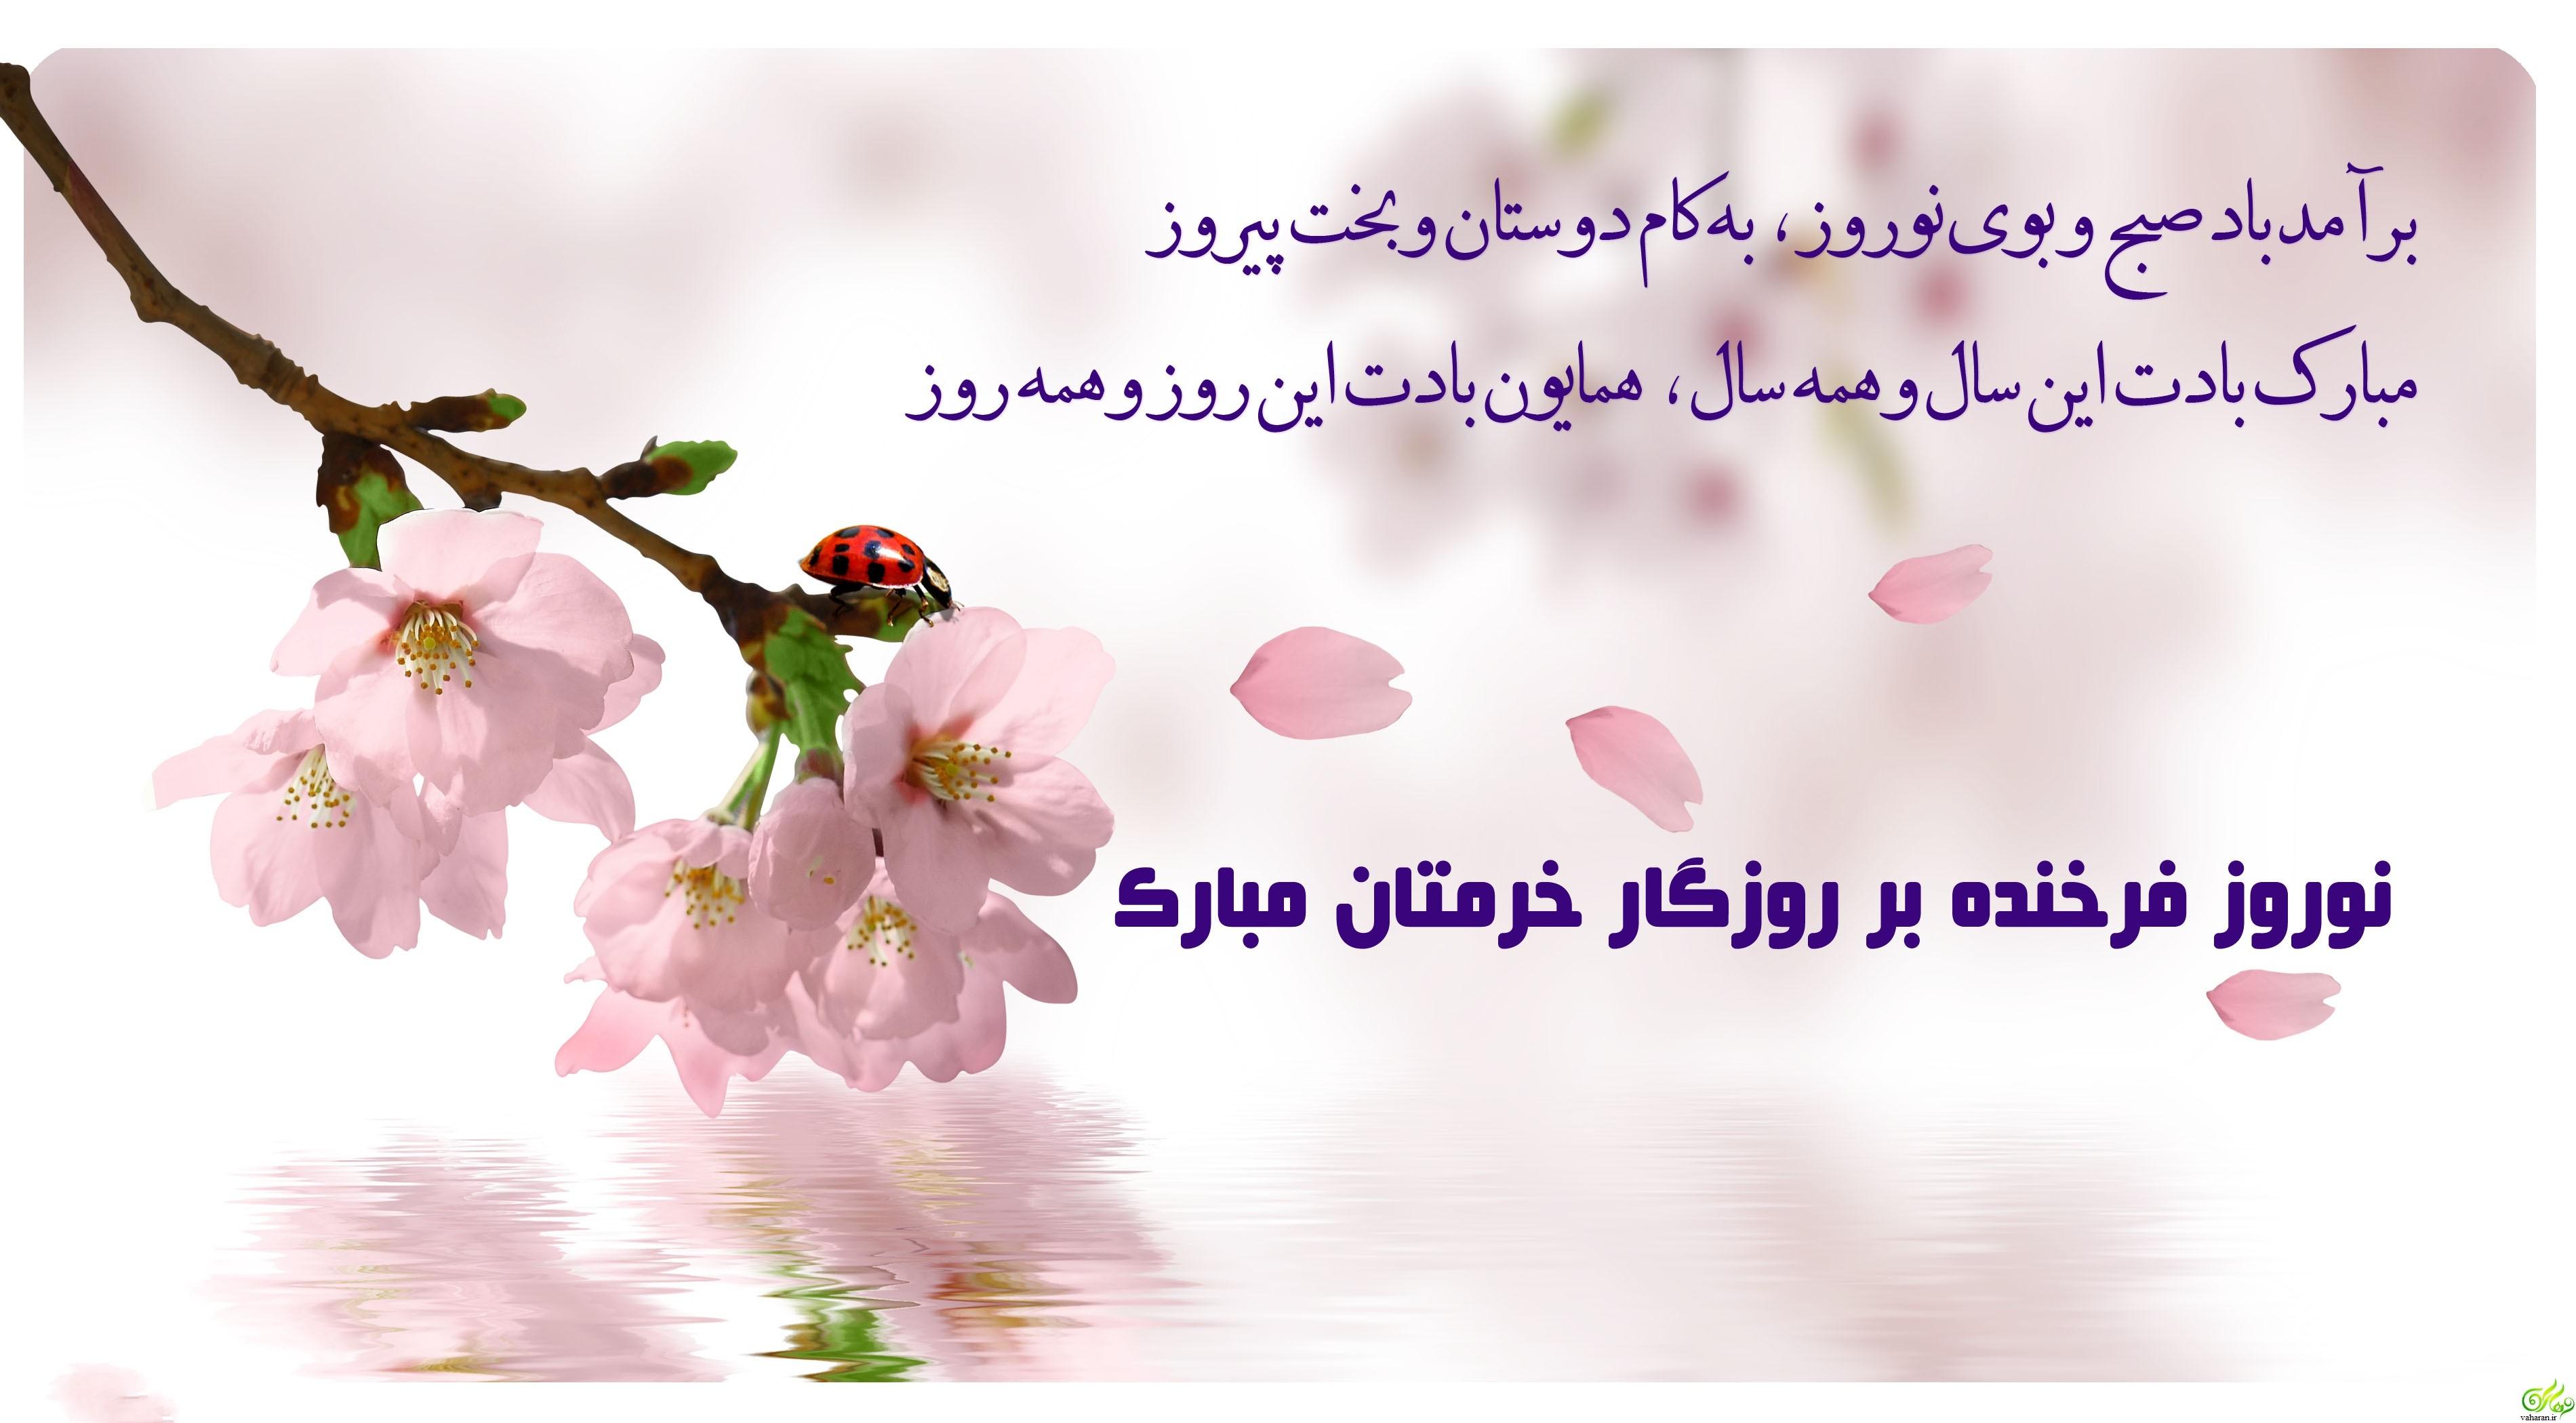 متن تبریک عید نوروز رسمی , متن رسمی تبریک نوروز 97 , متن رسمی برای تبریک عید نوروز , www.vaharan.ir